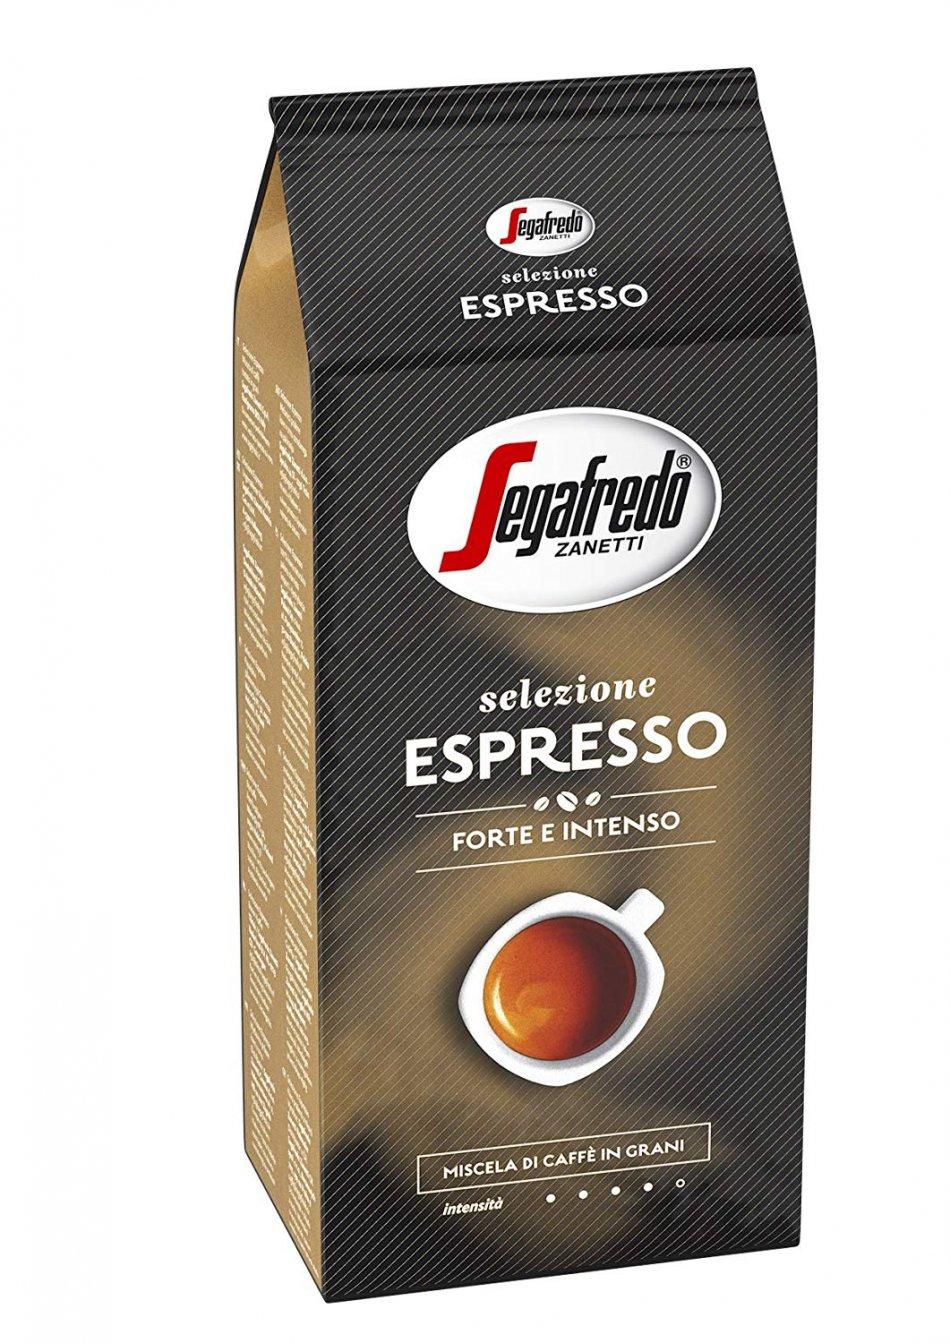 segafredo selectione espresso